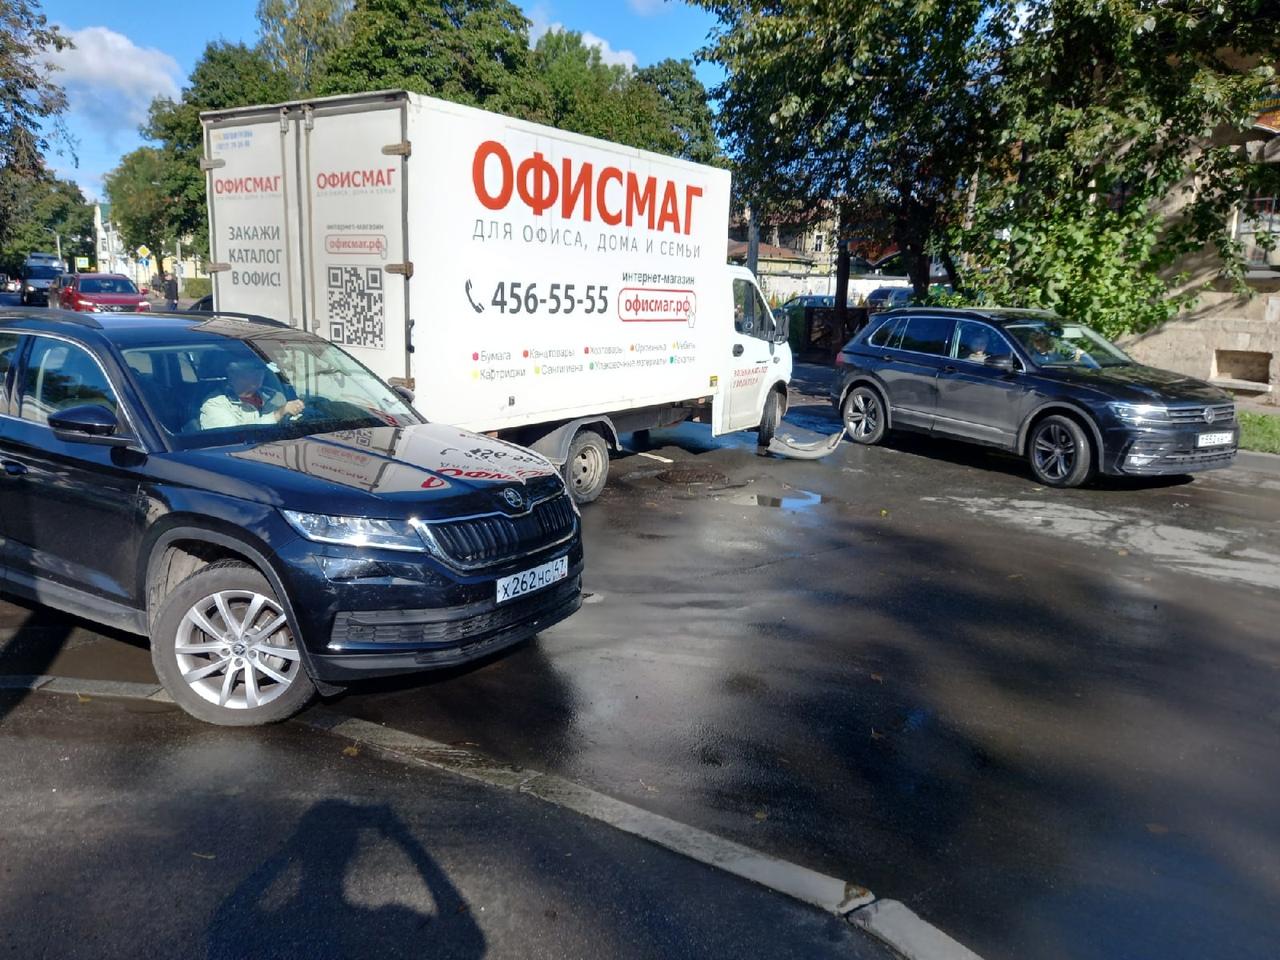 Ищу свидетелей ДТП в Гатчине на пересечении Радищева и Госпитальной. В 10 утра 2 сентября, джип ехал...